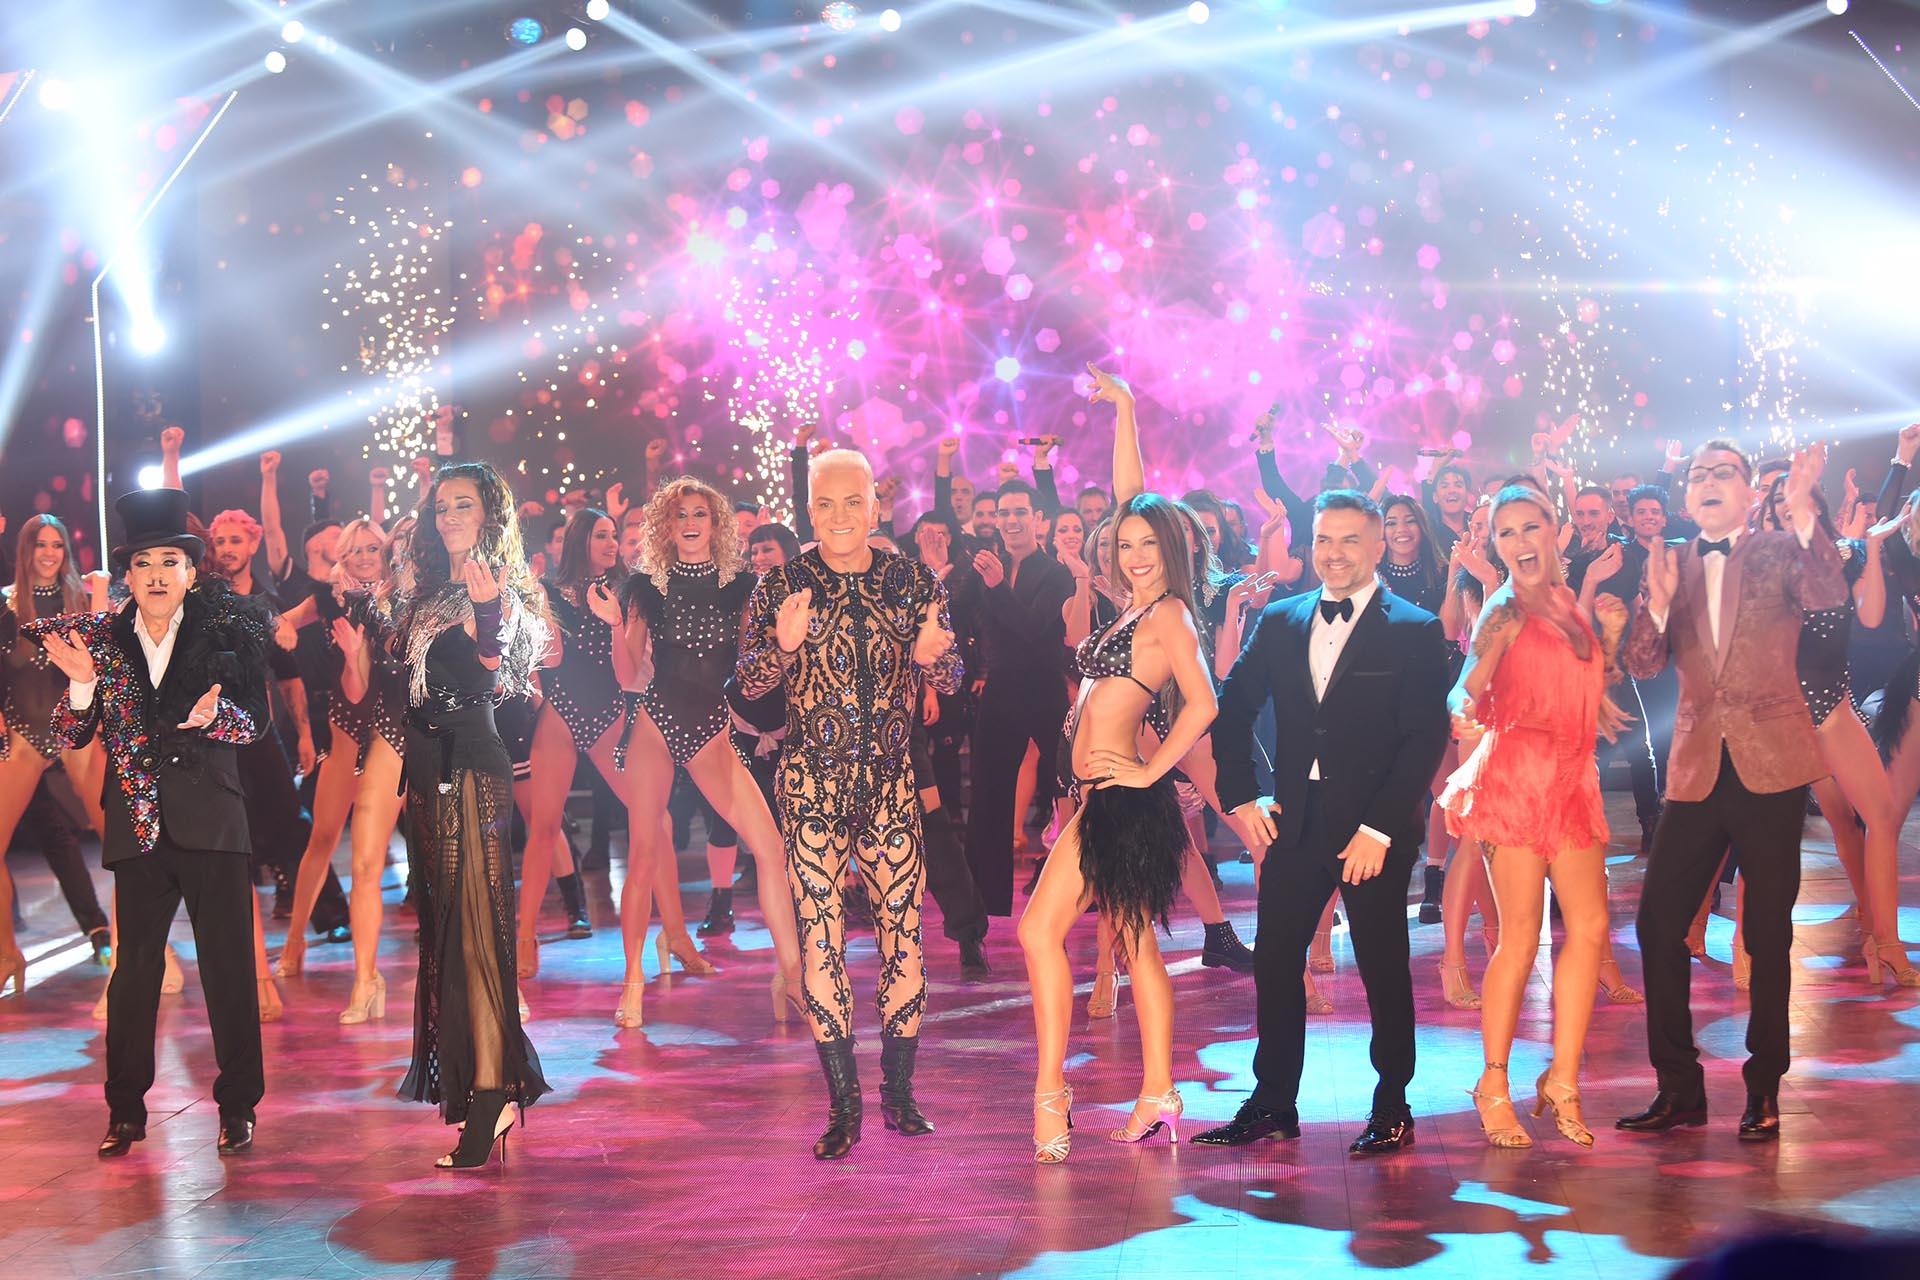 El jurado del Bailando participó en la gran coreografía de apertura del último programa del año de